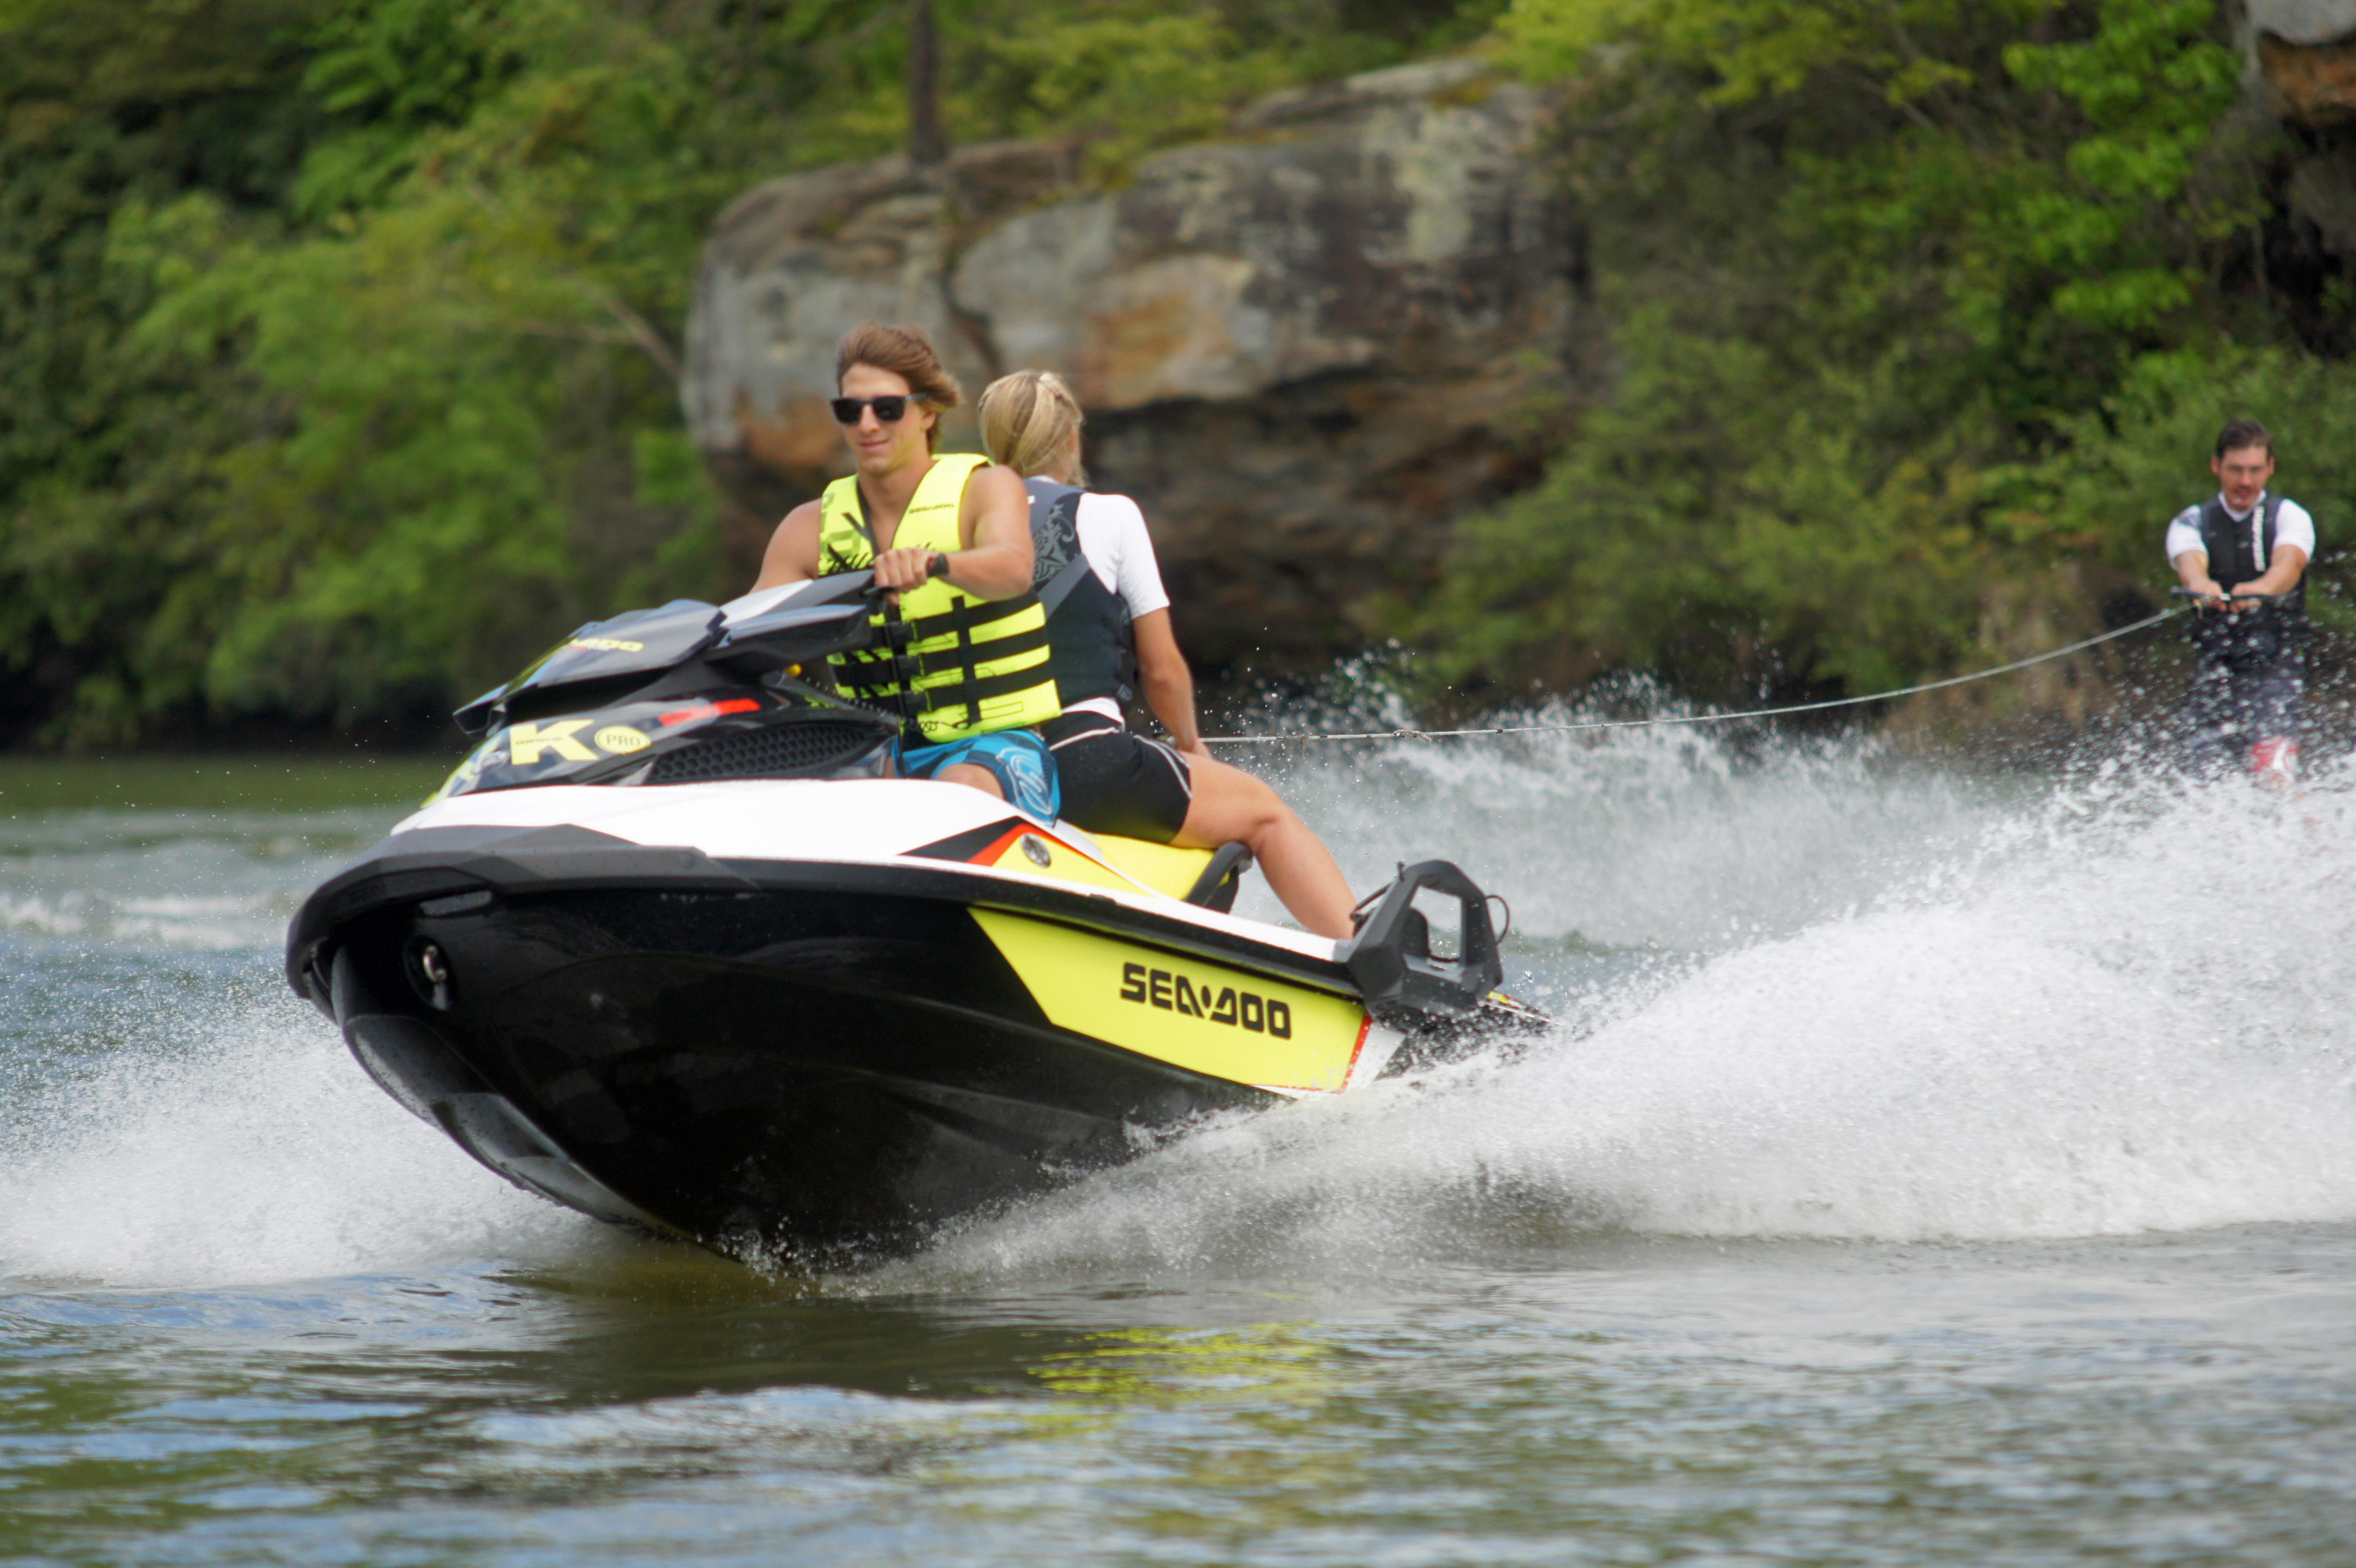 Ski Mode Sea Doo Onboard Water Tow Harness Wake Pro 215